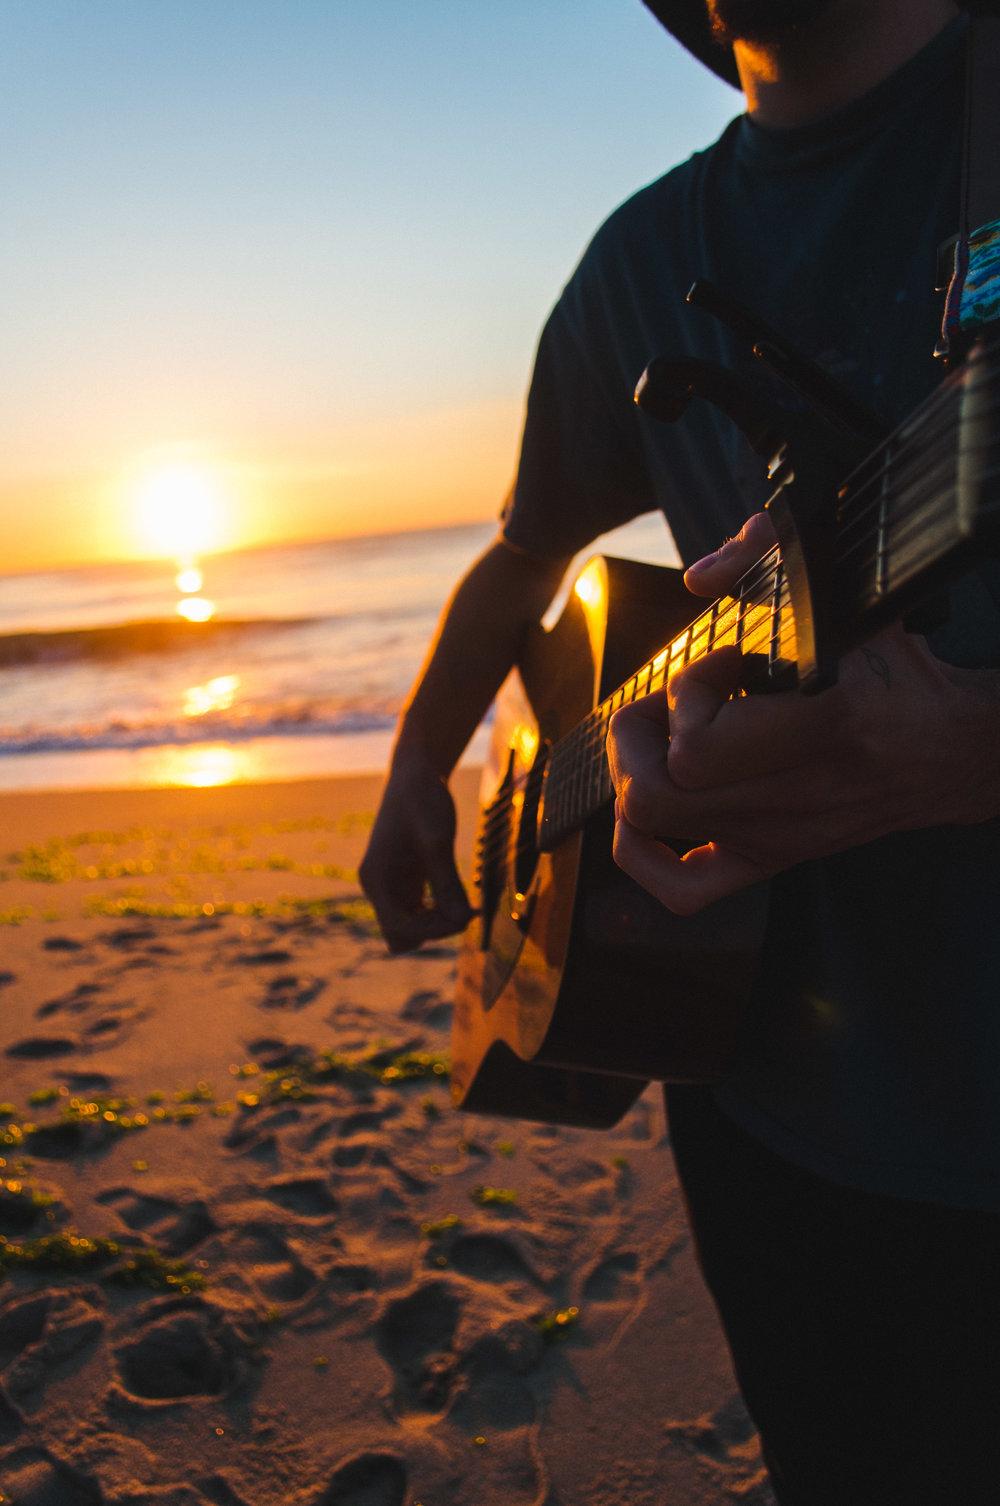 sunrise guitar.jpg